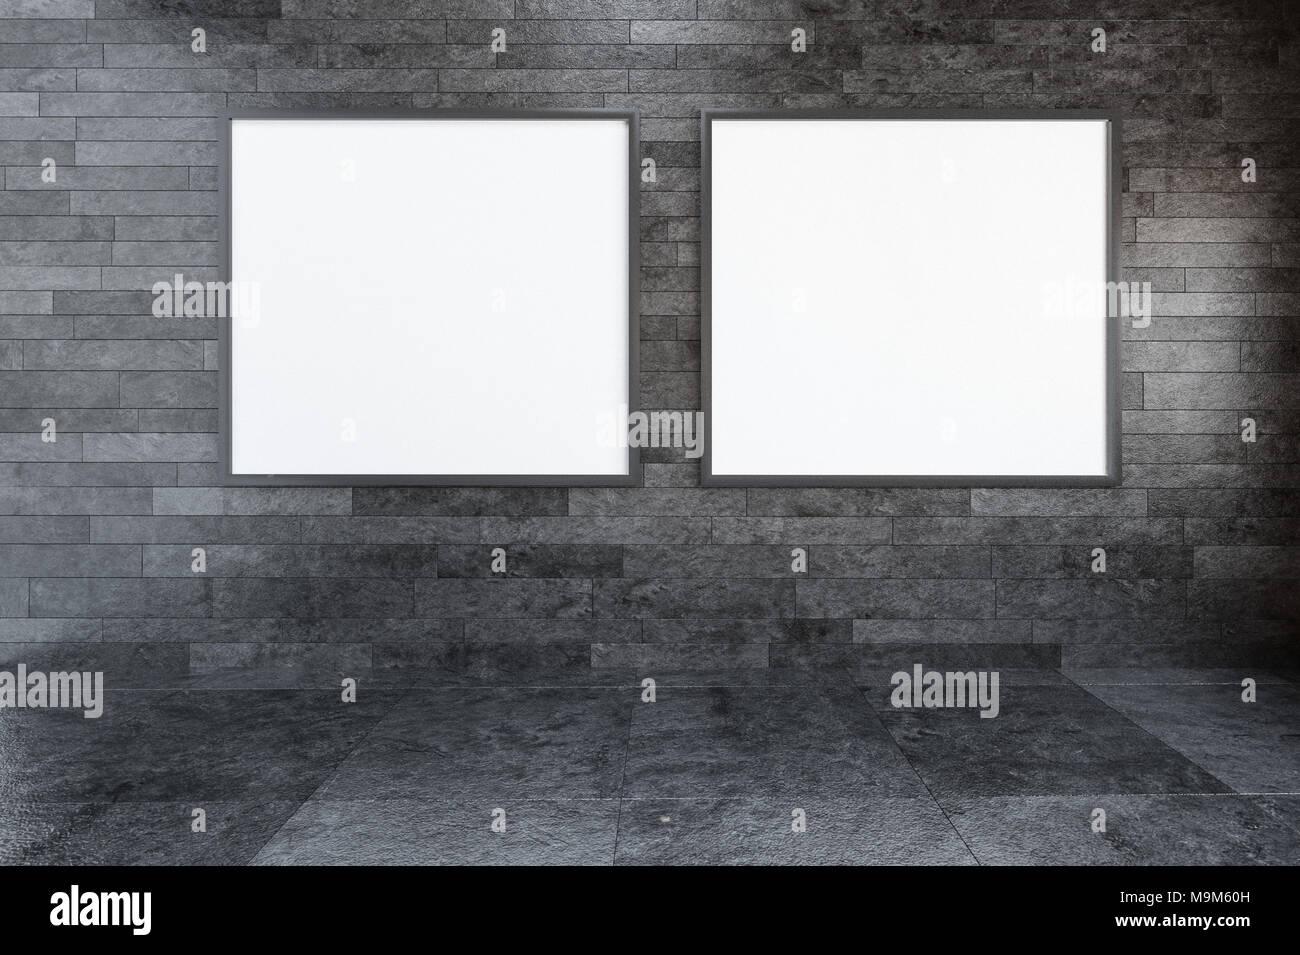 Zwei Rechteckigen Weißen Bilderrahmen In Einer Galerie Für Moderne Kunst  Hängen Nebeneinander Auf Eine Strukturierte Graue Wand Mit Kopieren Sie  Platz Für ...